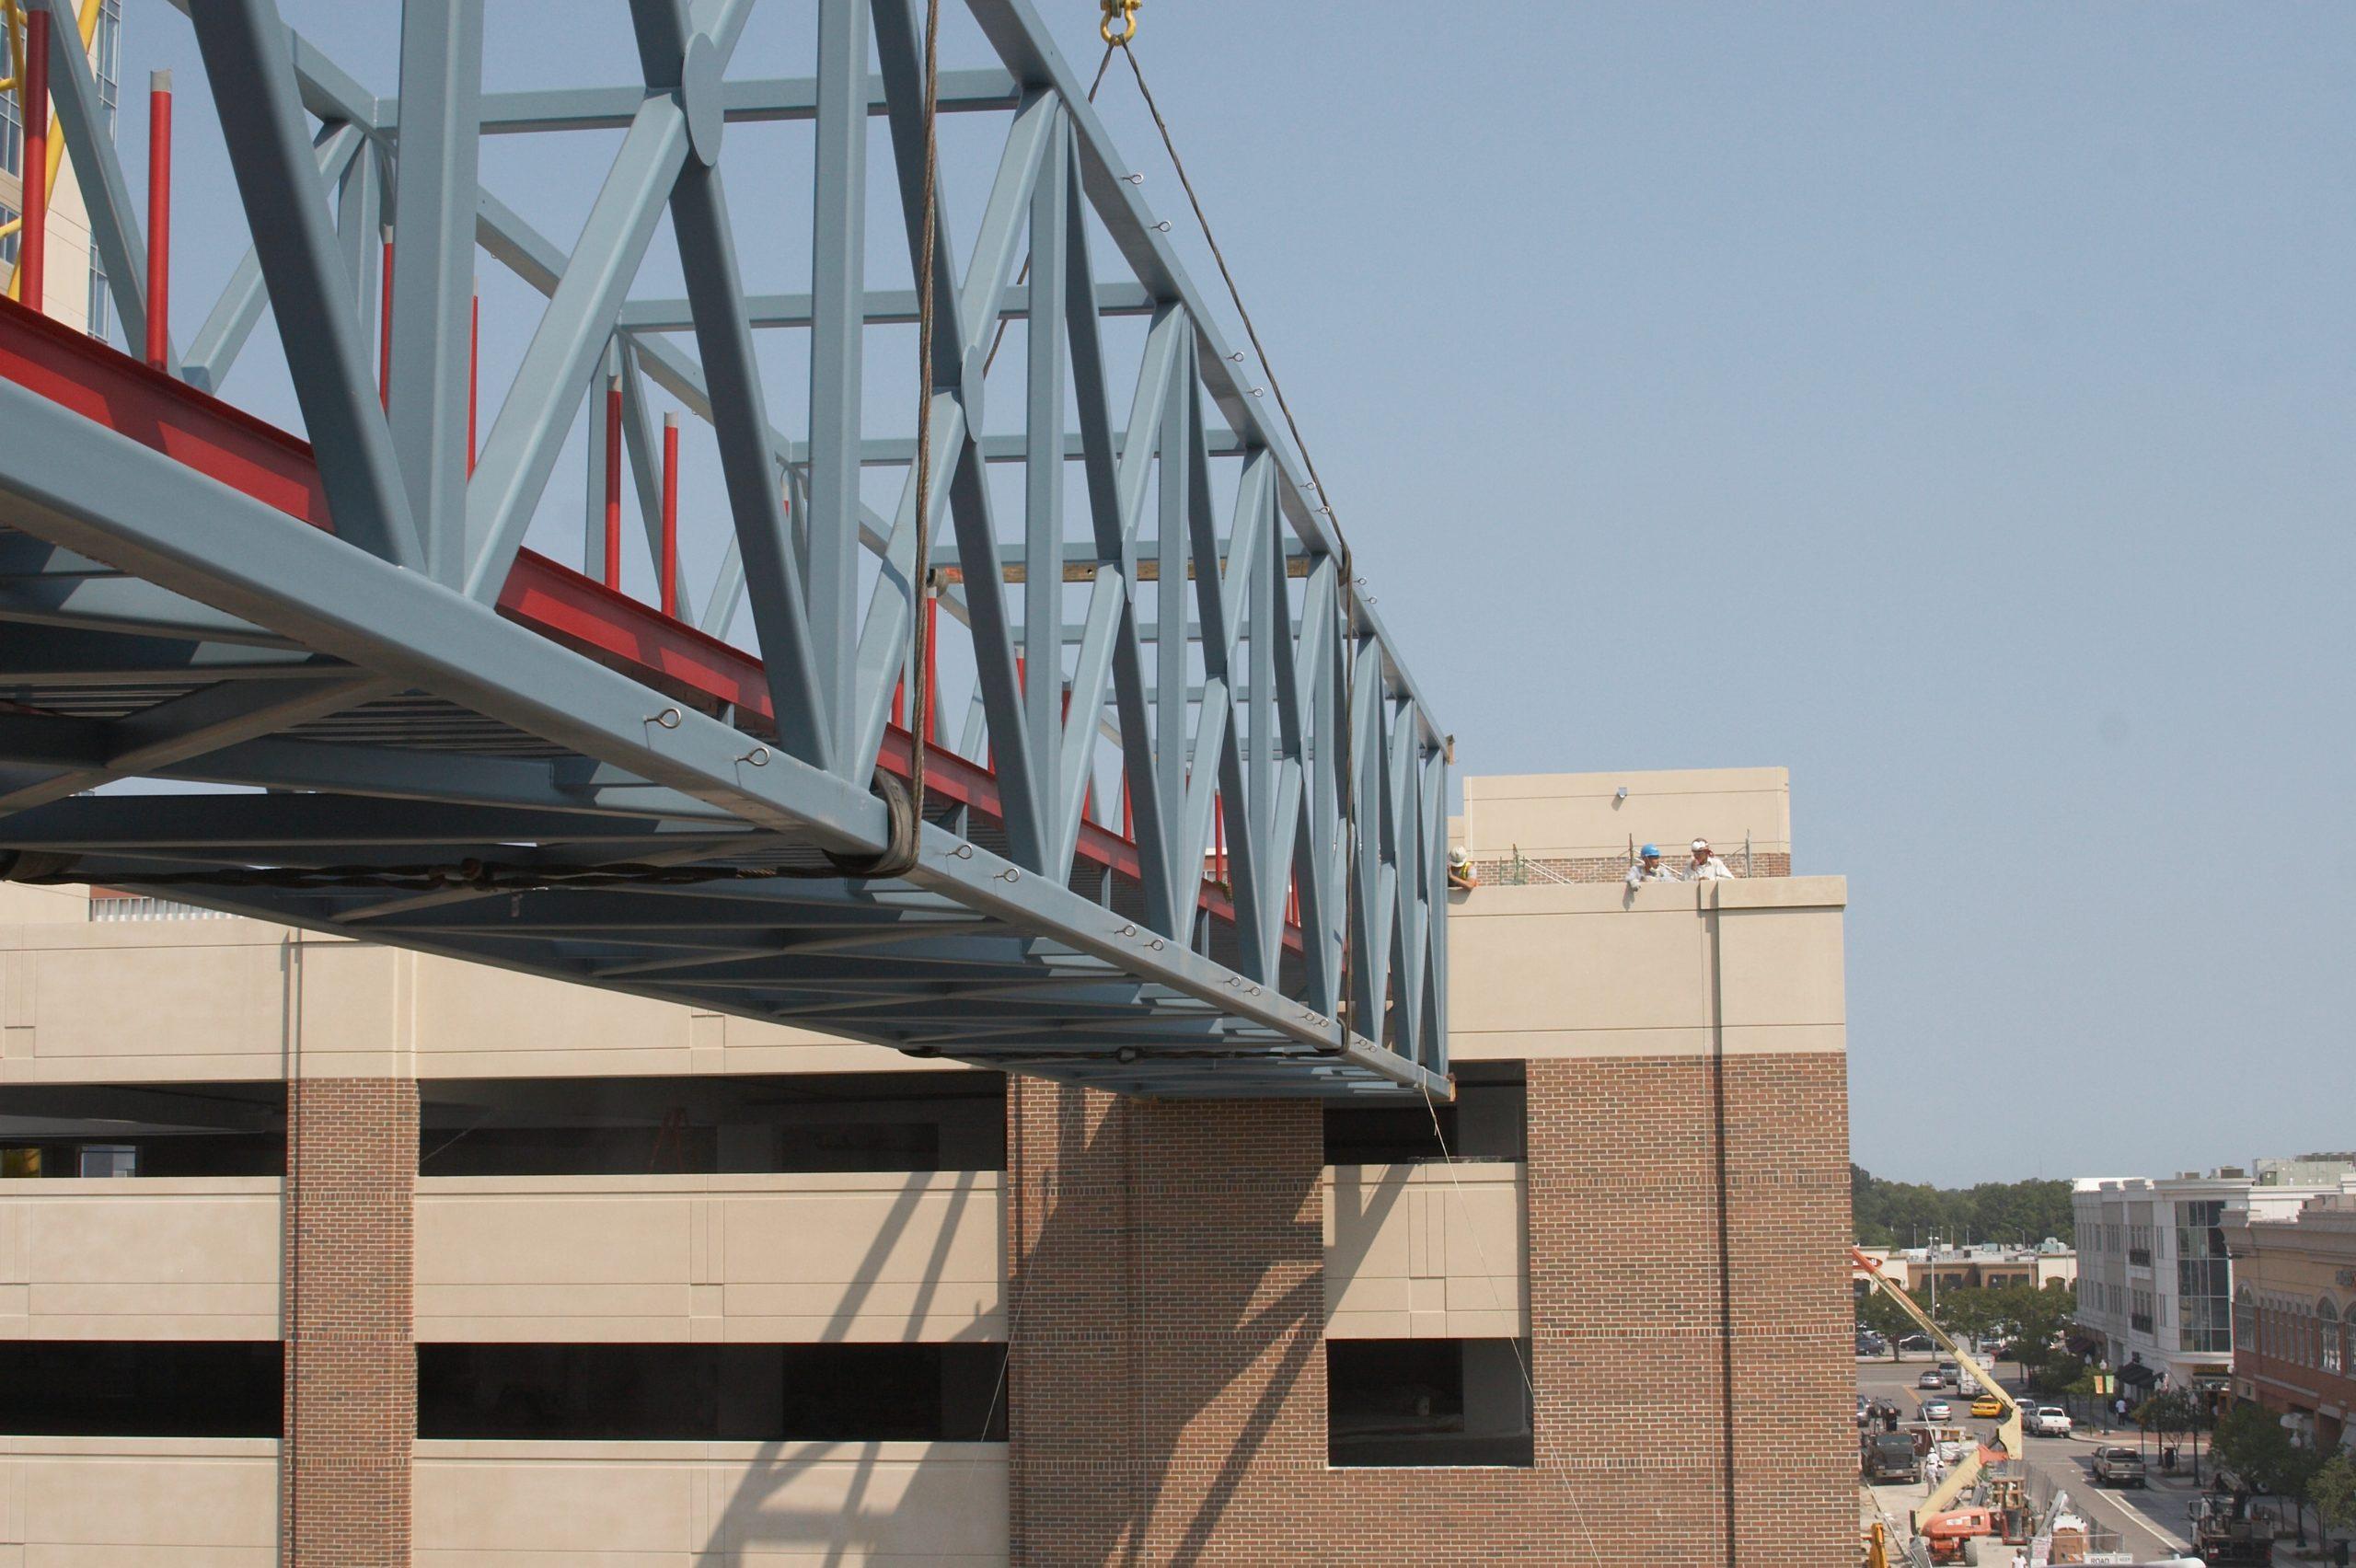 Lowering the bridge between two existing buildings